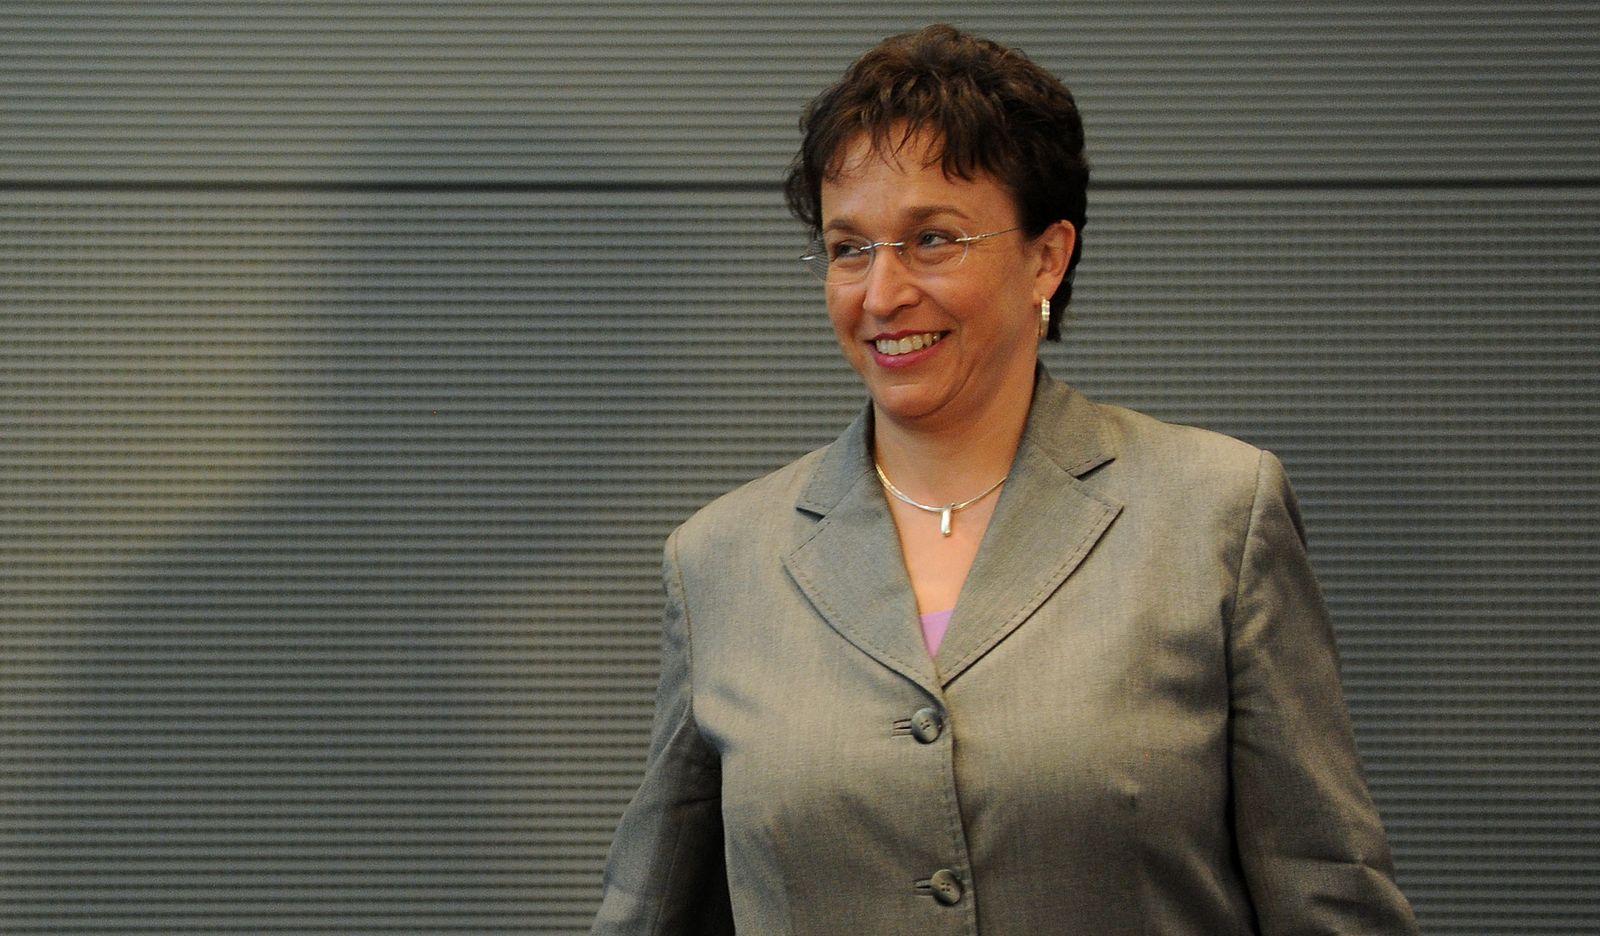 NICHT VERWENDEN Birgit Homburger